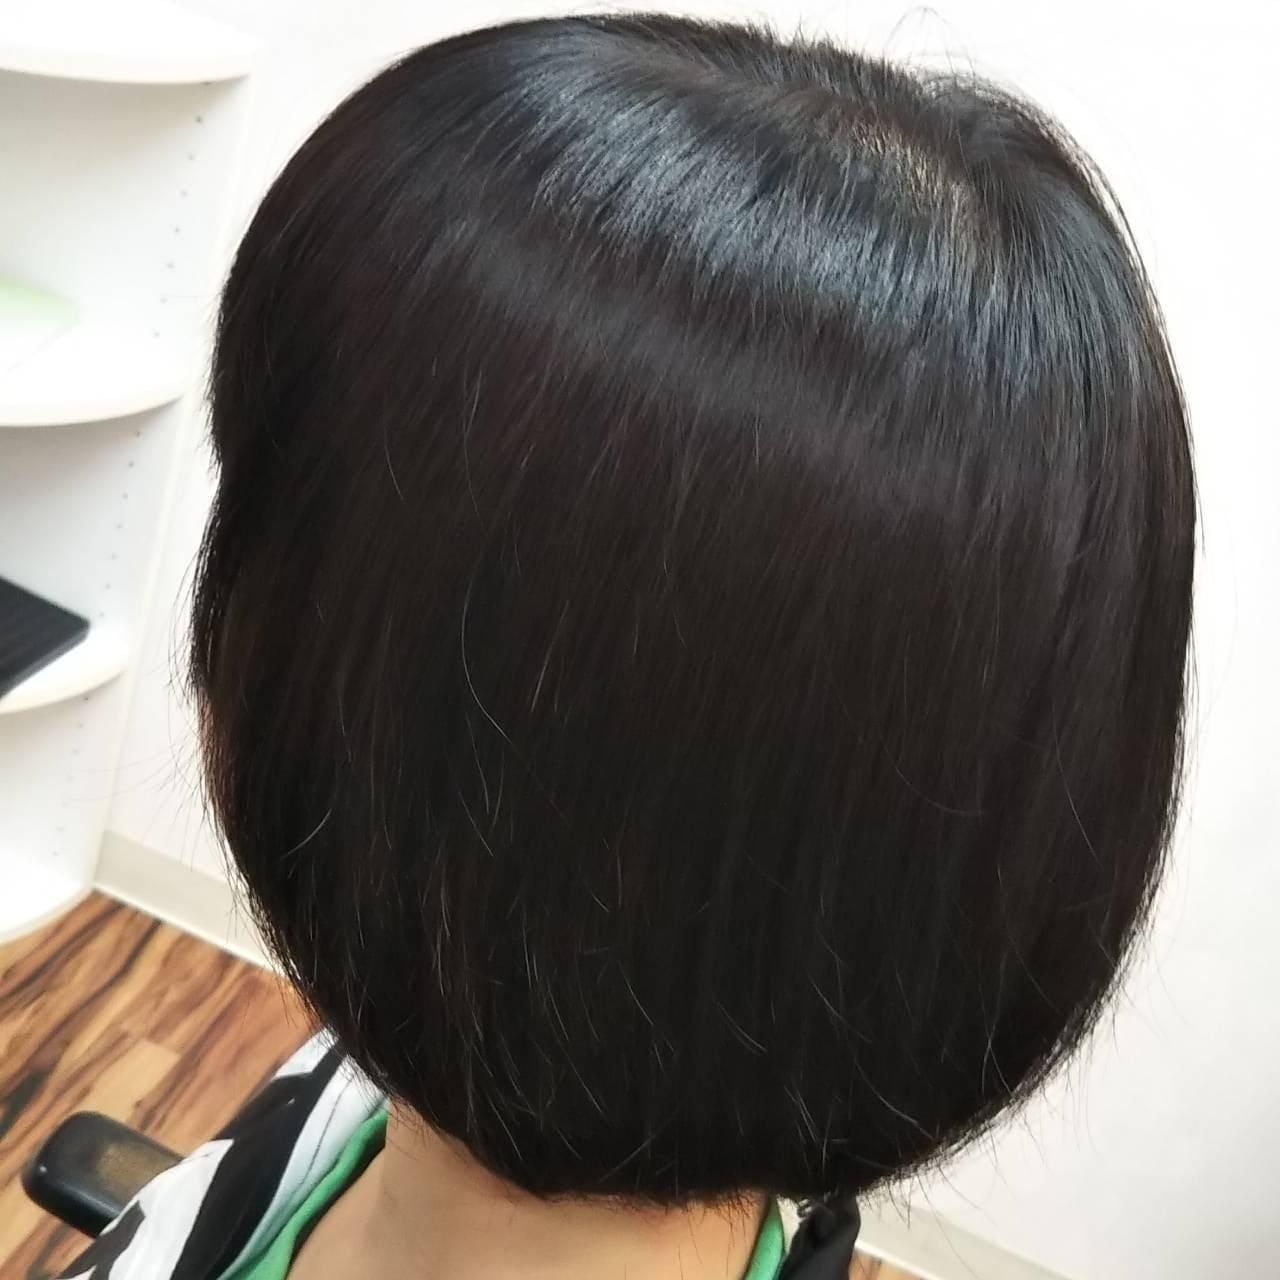 白髪染め リタッチ 1年間 染め放題‼ カラー会員【店頭払い専用】のイメージその1